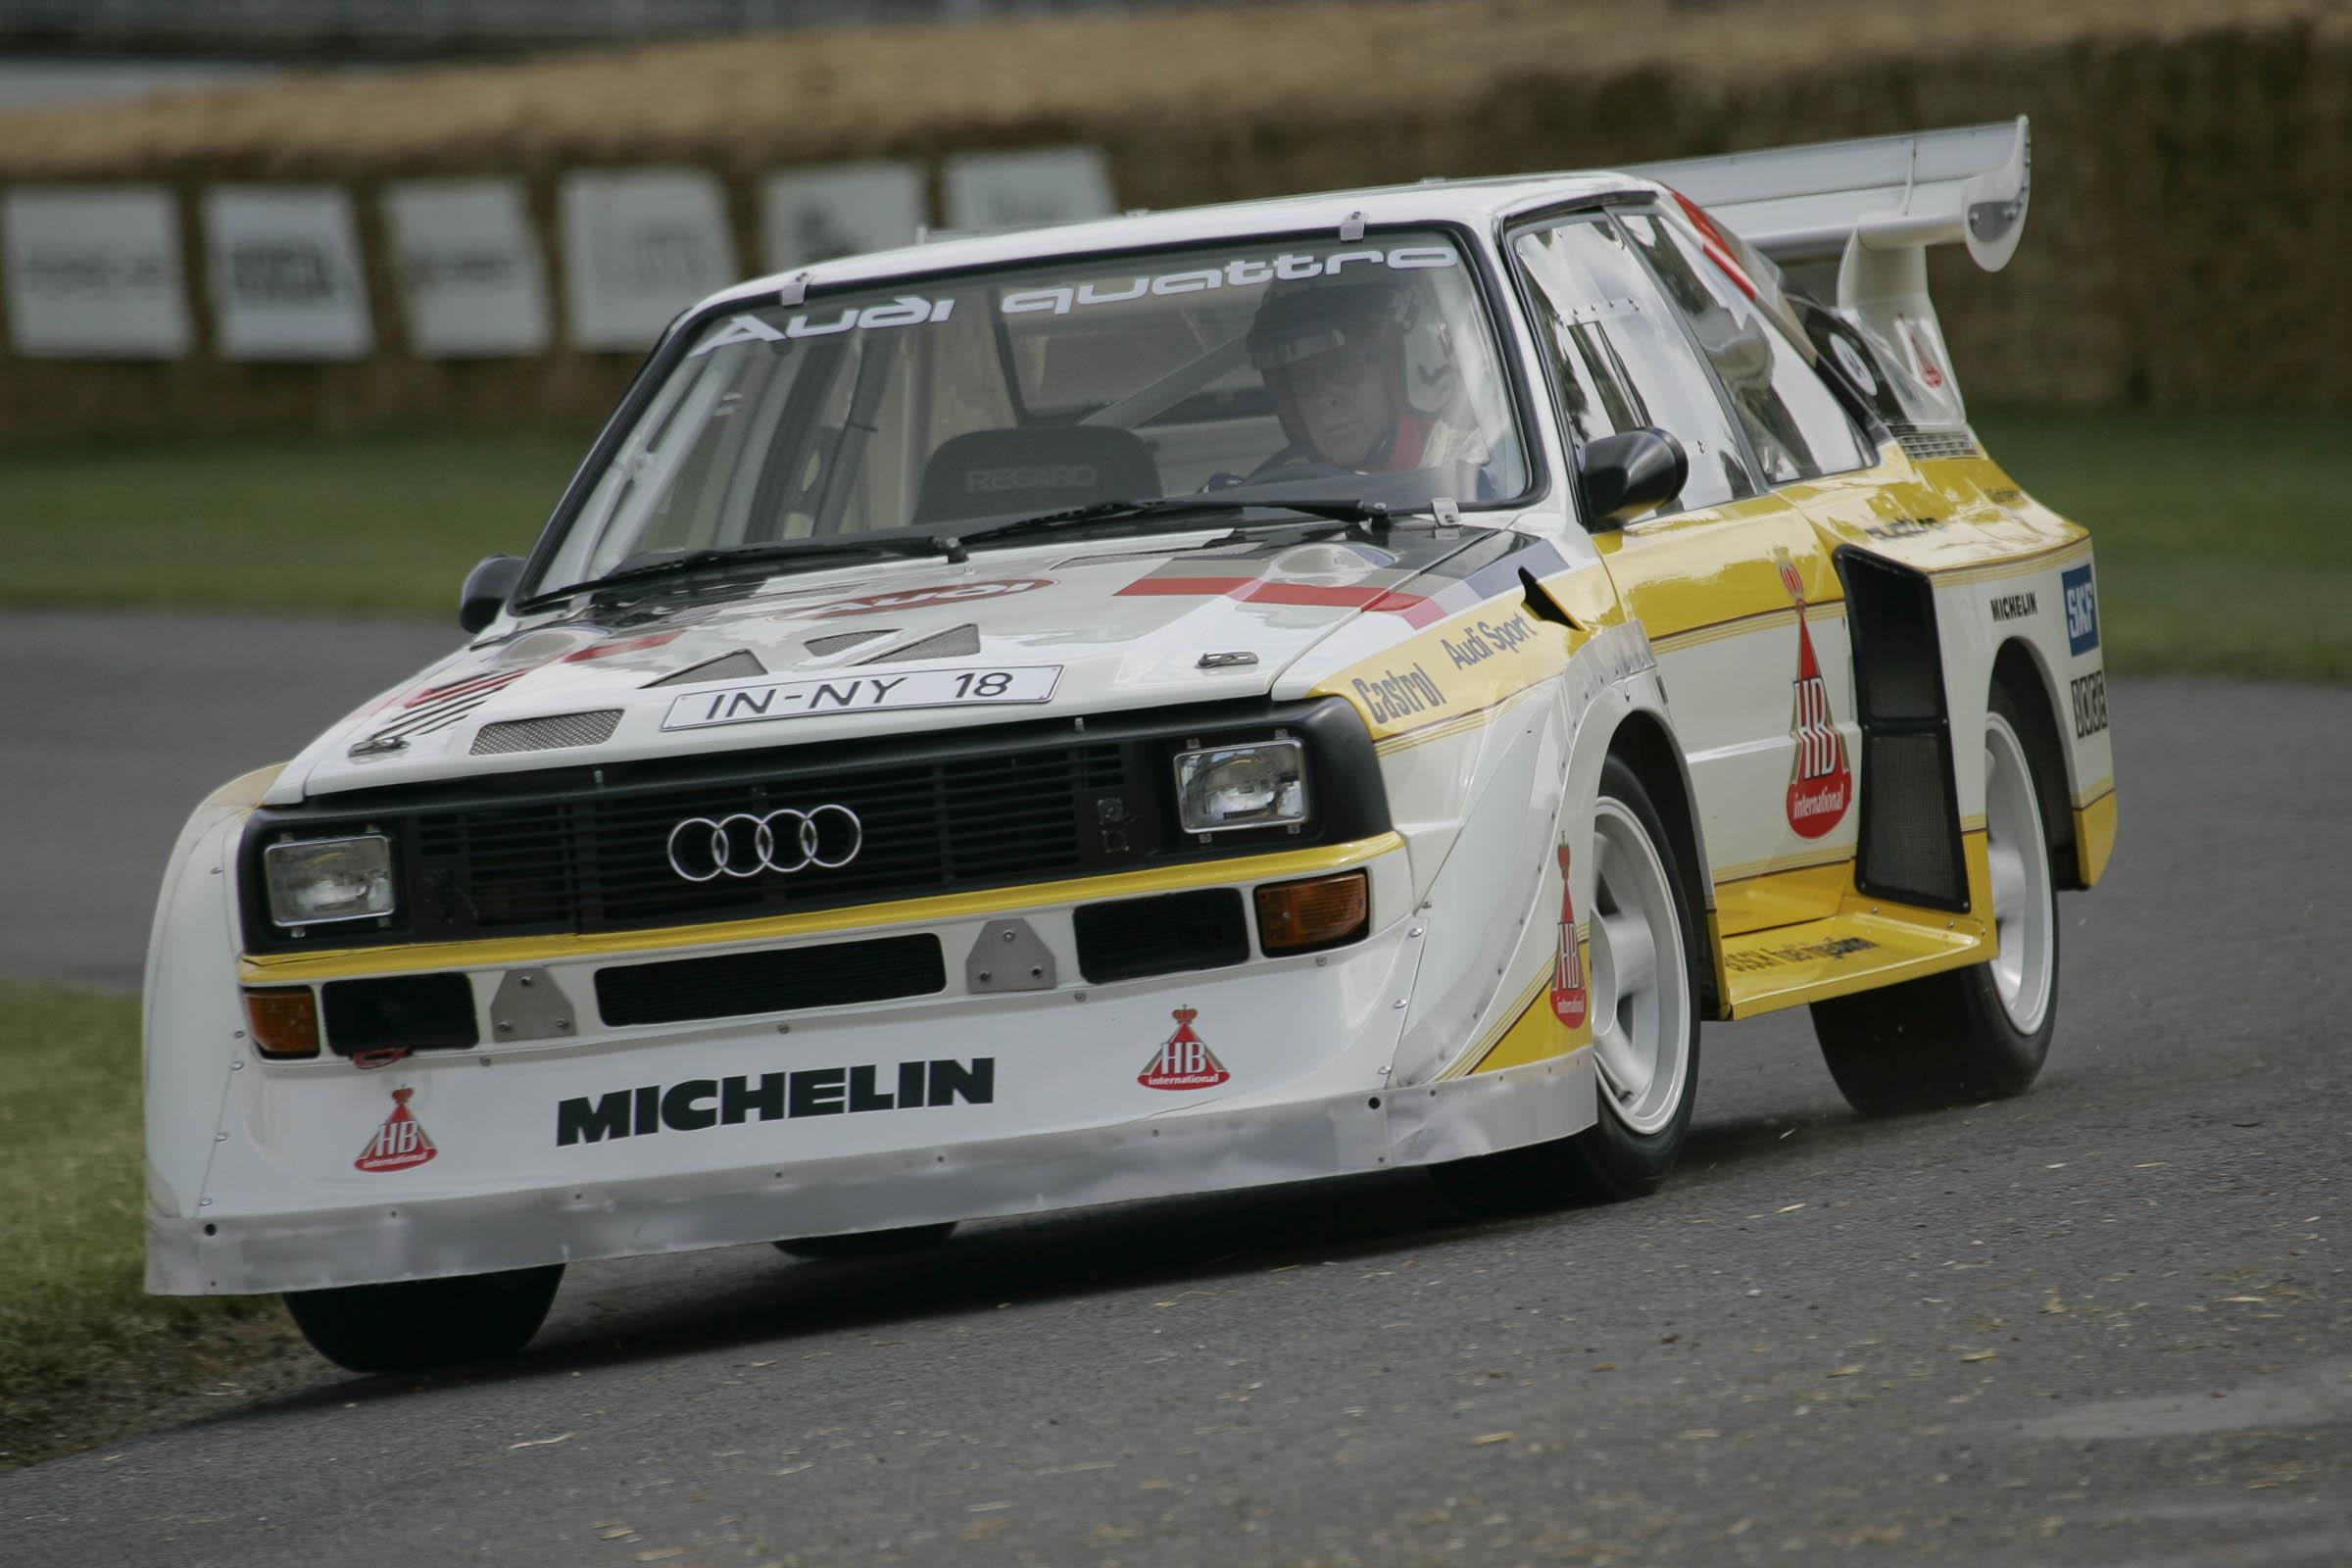 Top 10 Group B Cars | Autoclassics.com